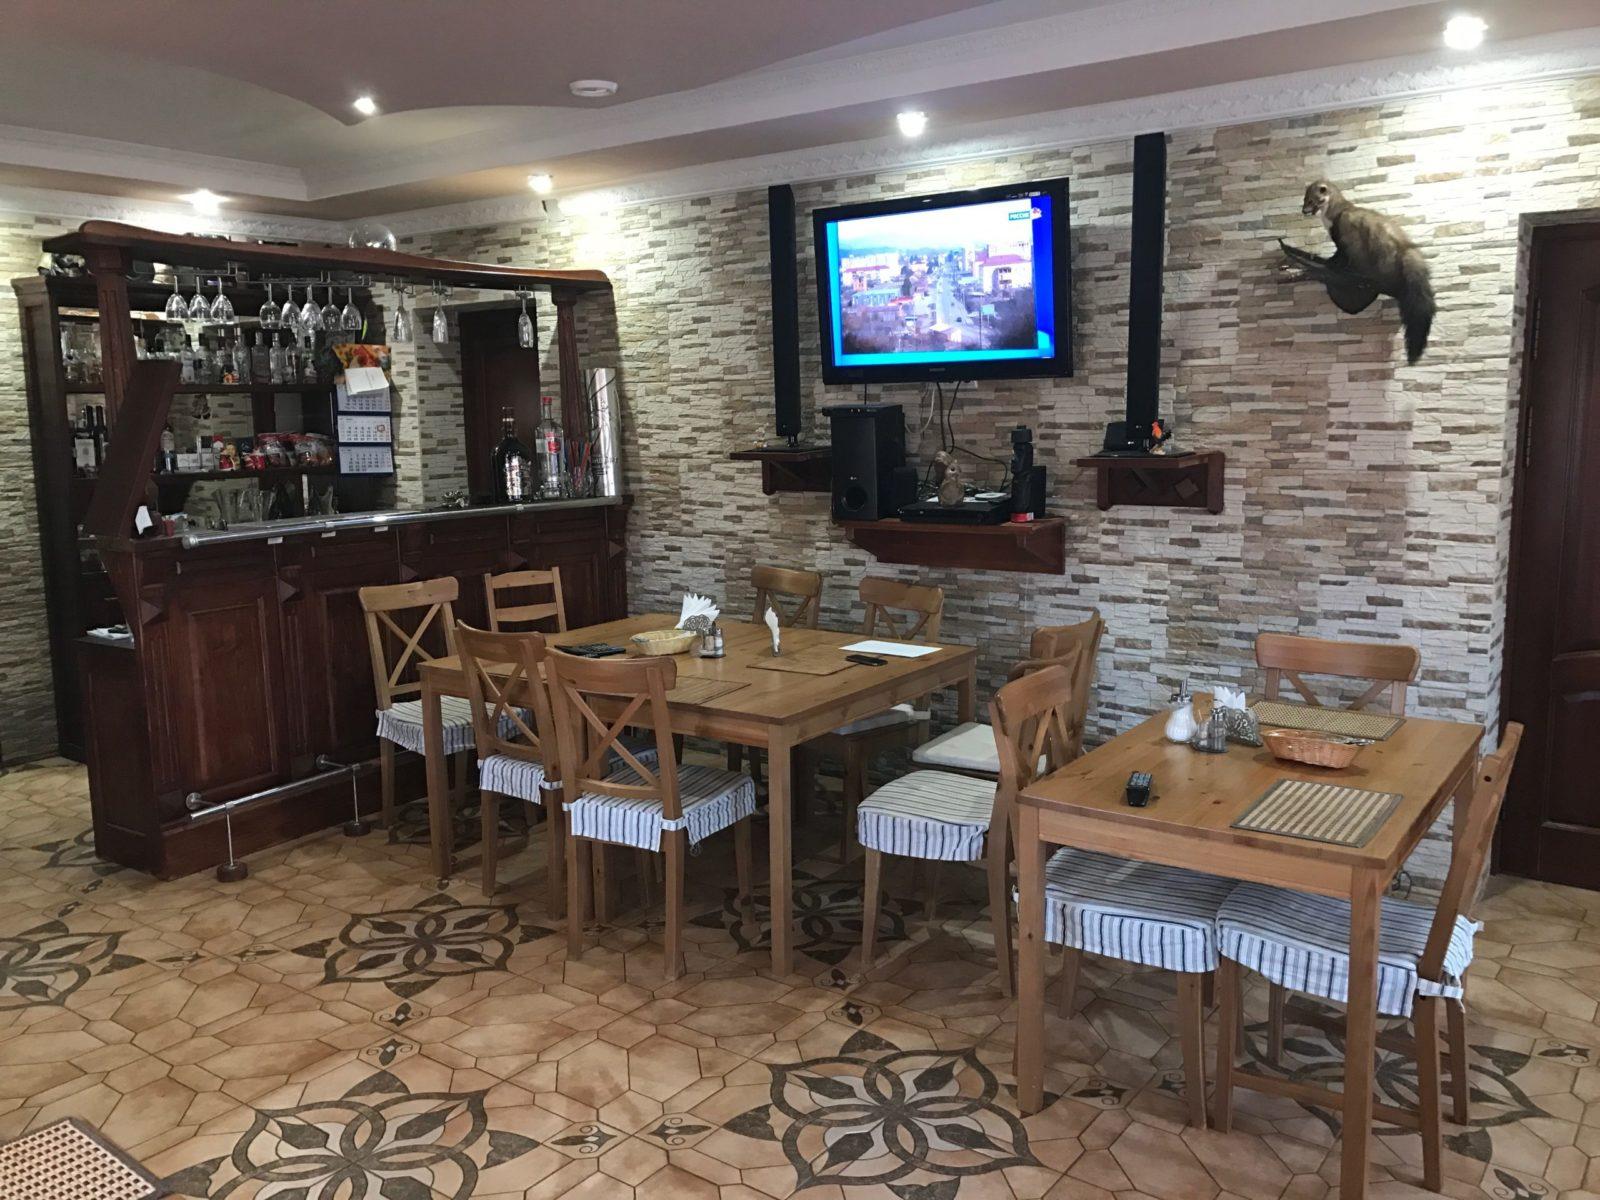 nashe kafe rybolovnaja baza cherkasovo rybinskoe vodohranilishhe scaled - наше кафе